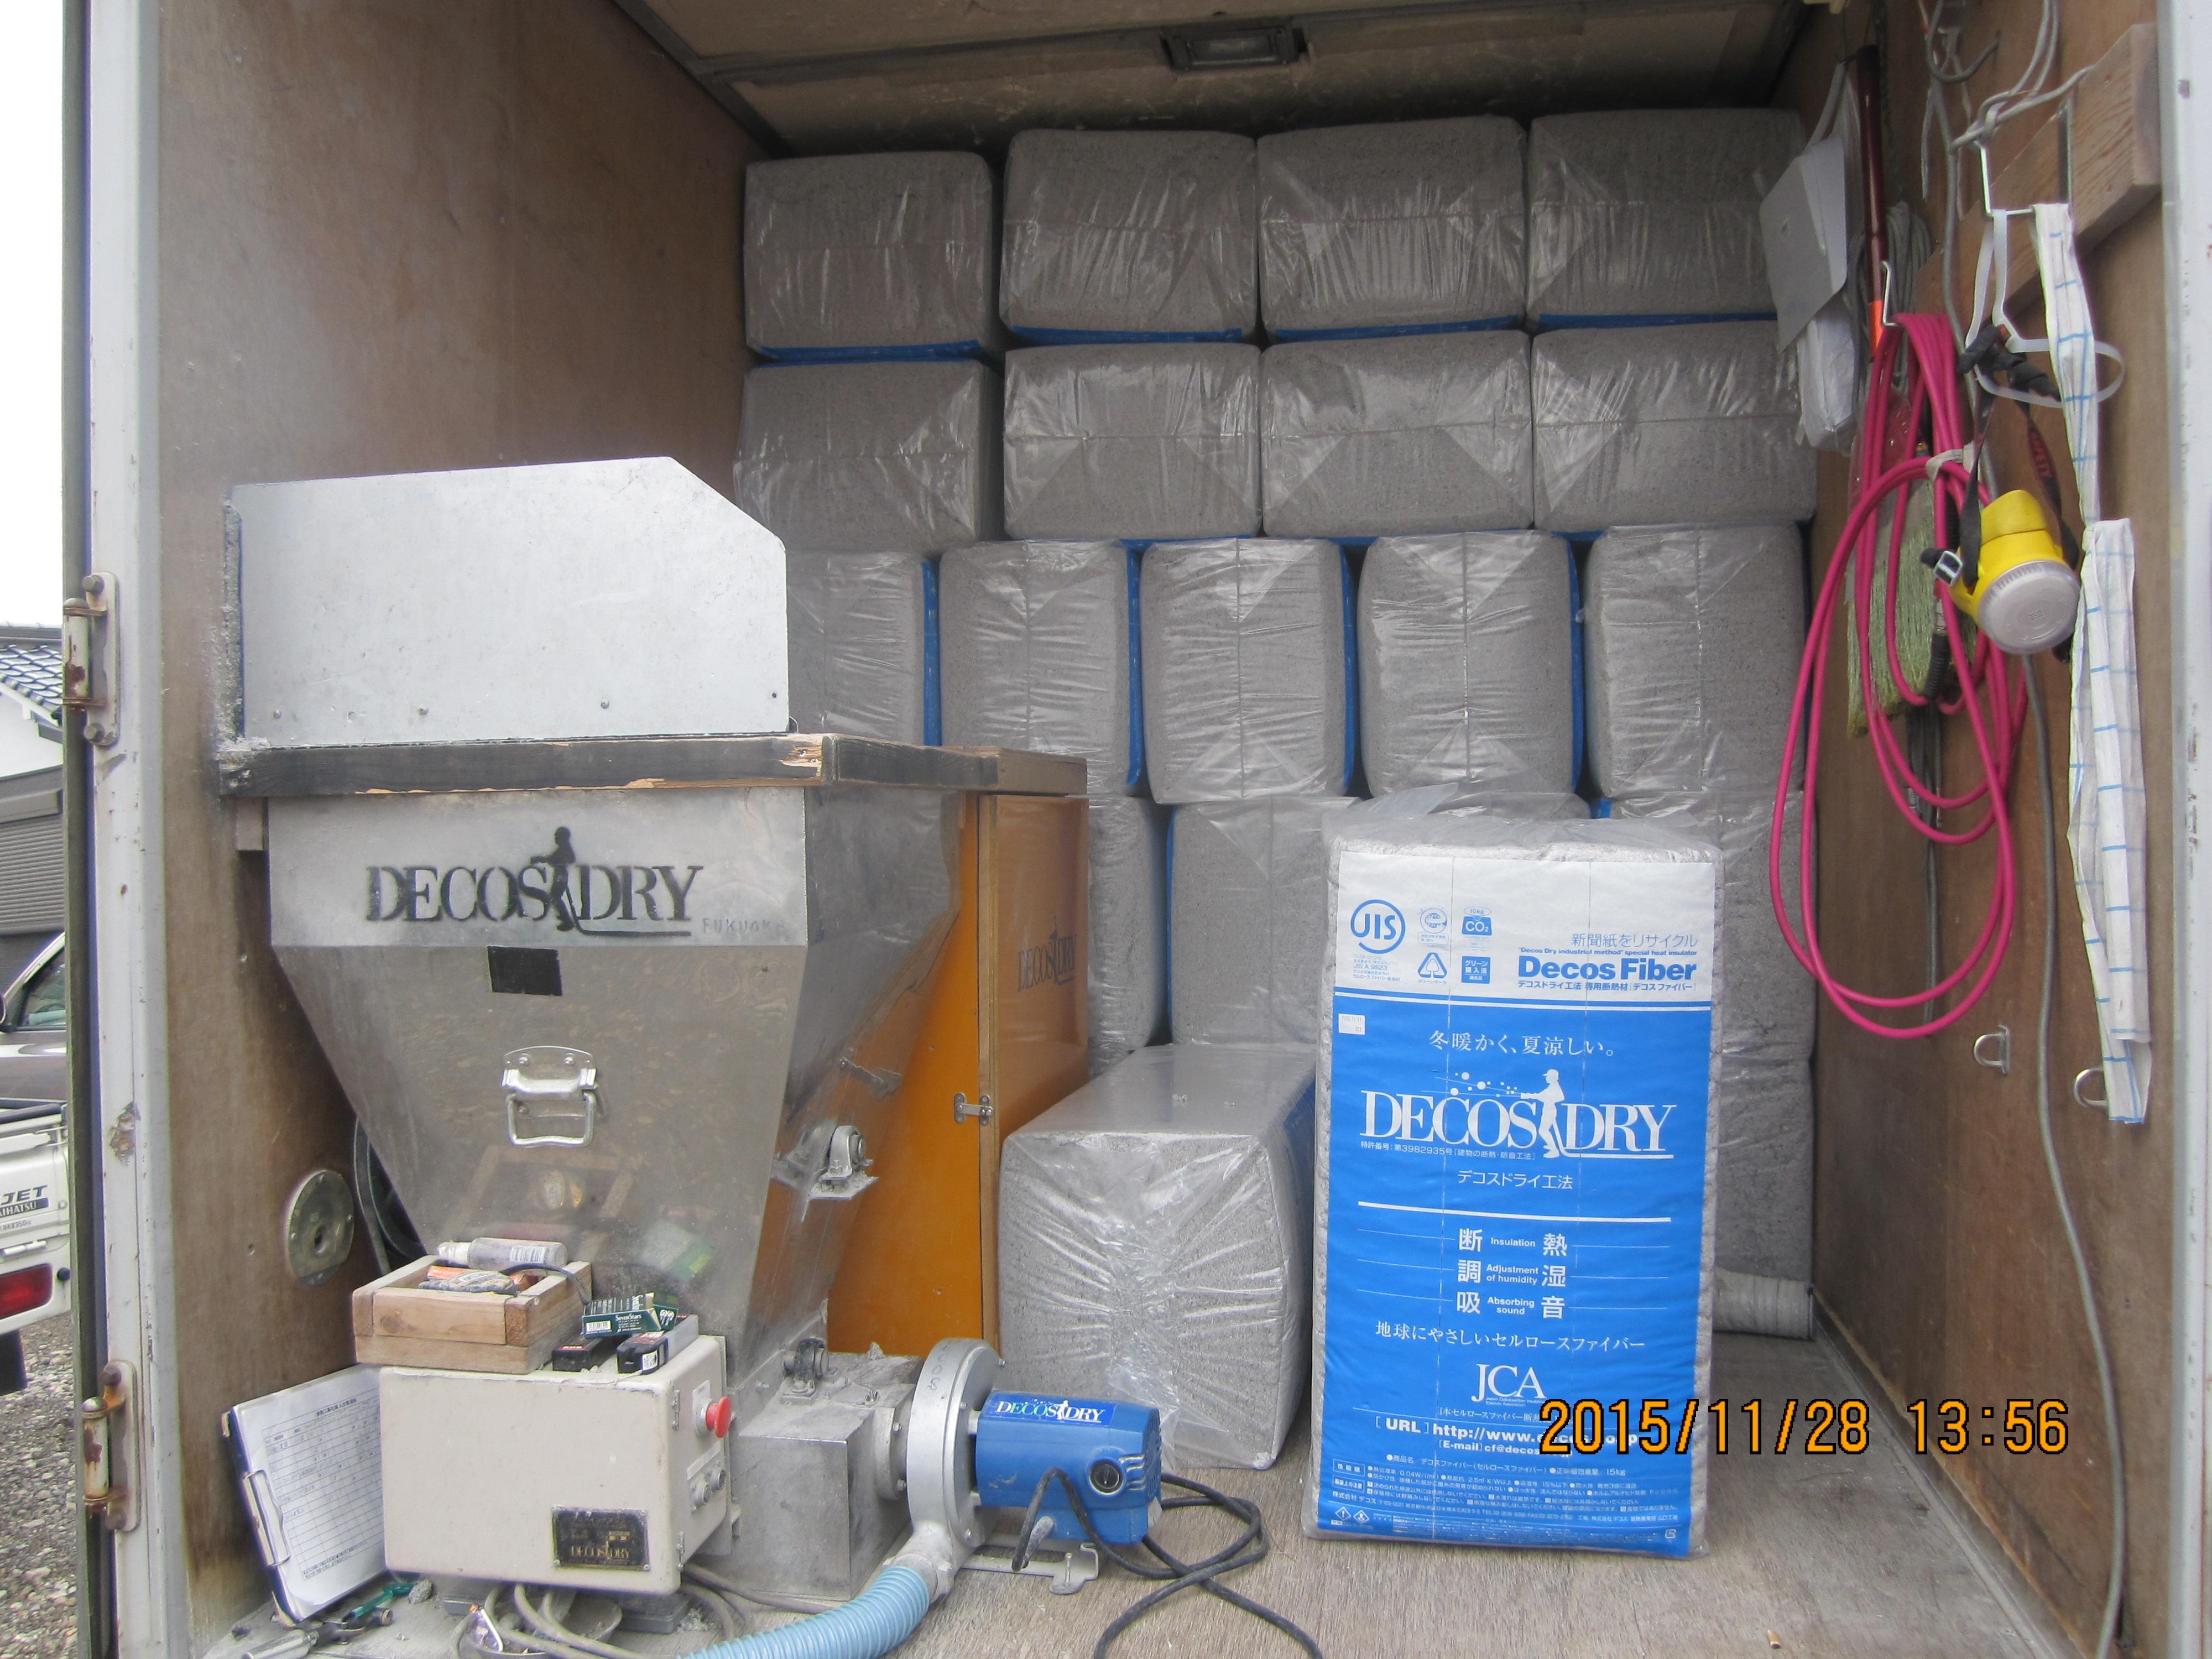 壁天井断熱材デコスドライ工法 (3)